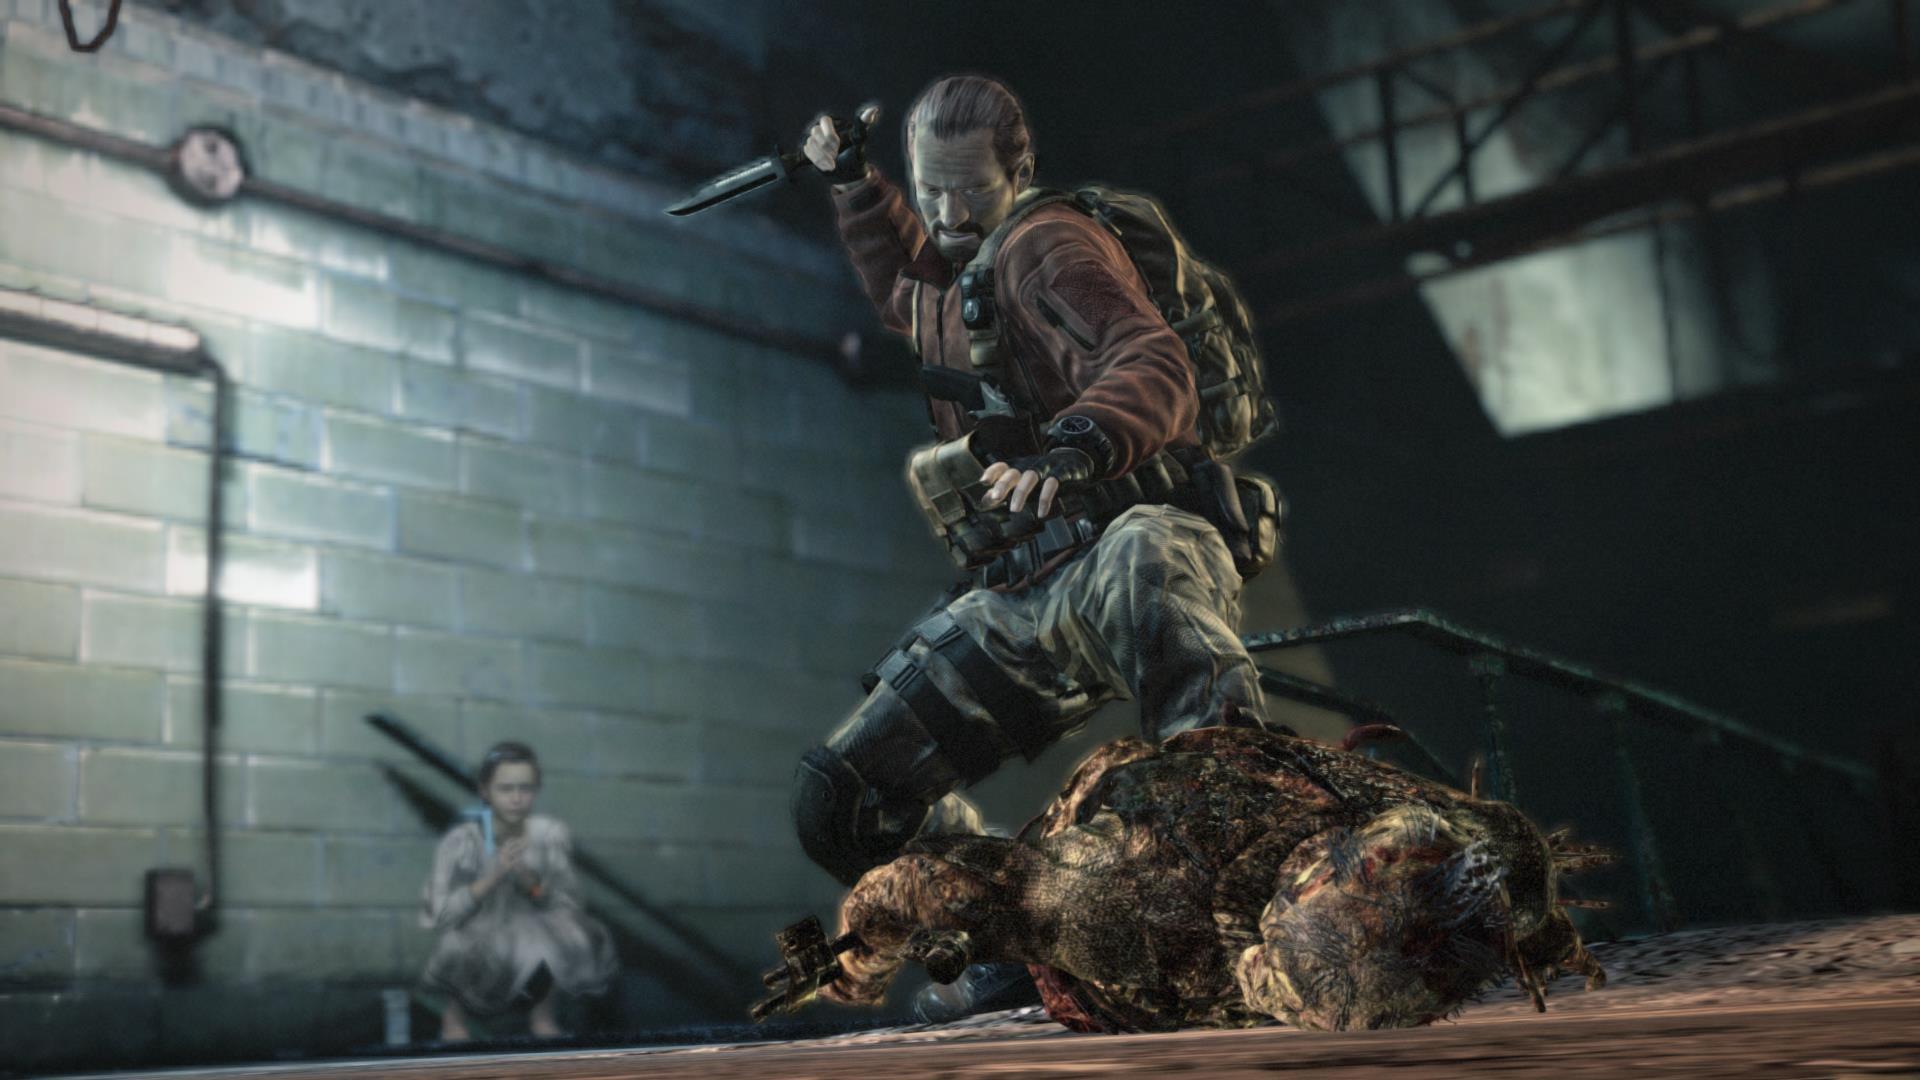 Похоже, что нас ждет анонс новой Resident Evil